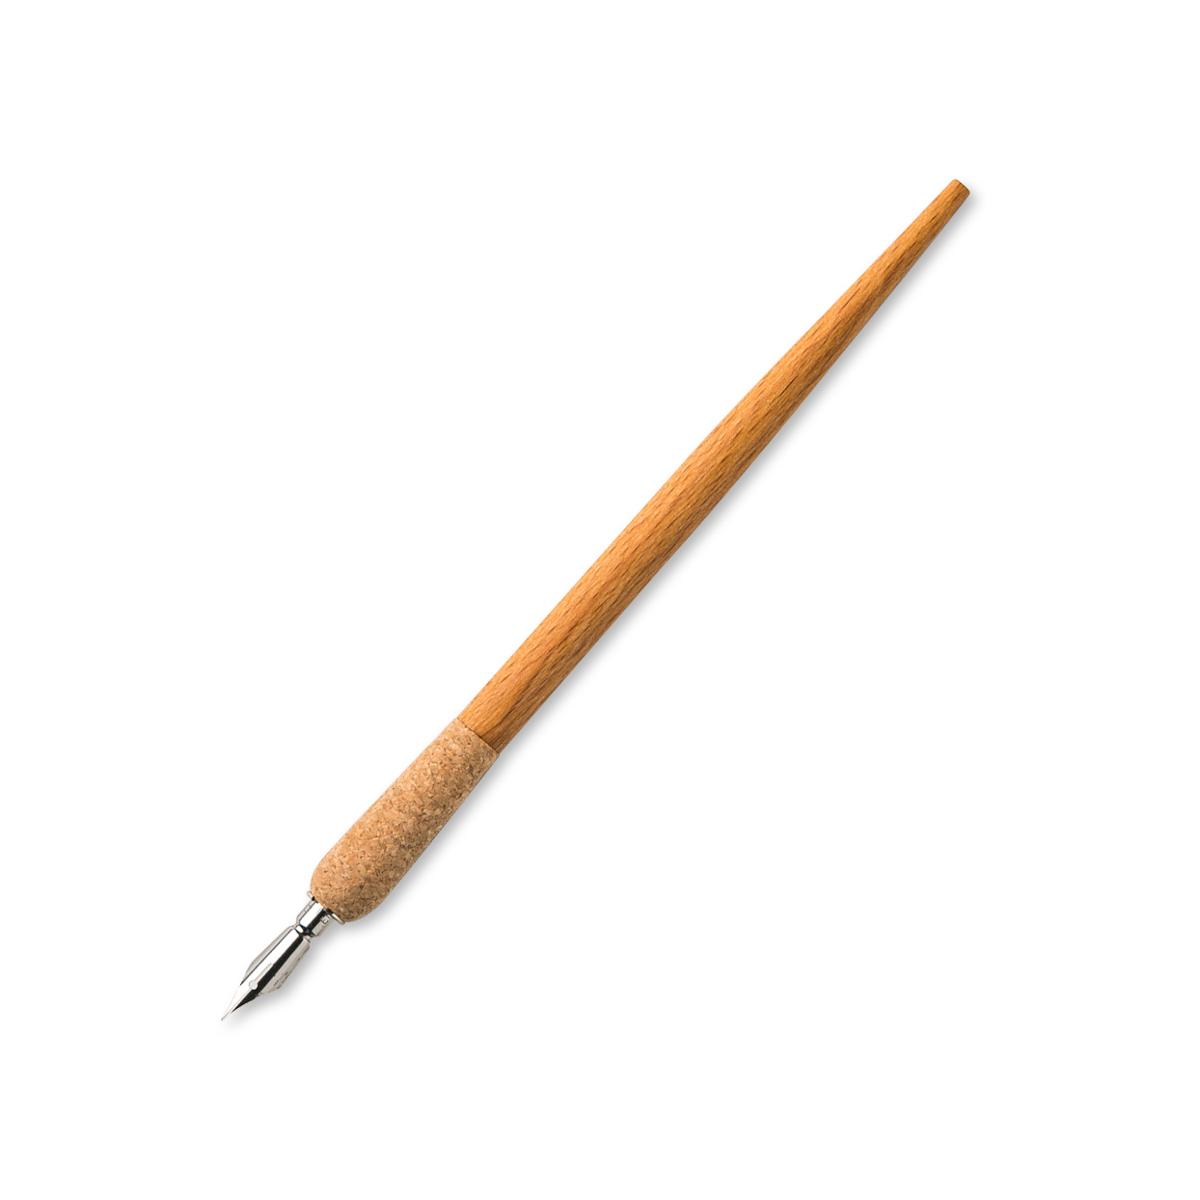 德国原产STANDARDGRAPH 木质笔杆蘸墨钢笔 黄色